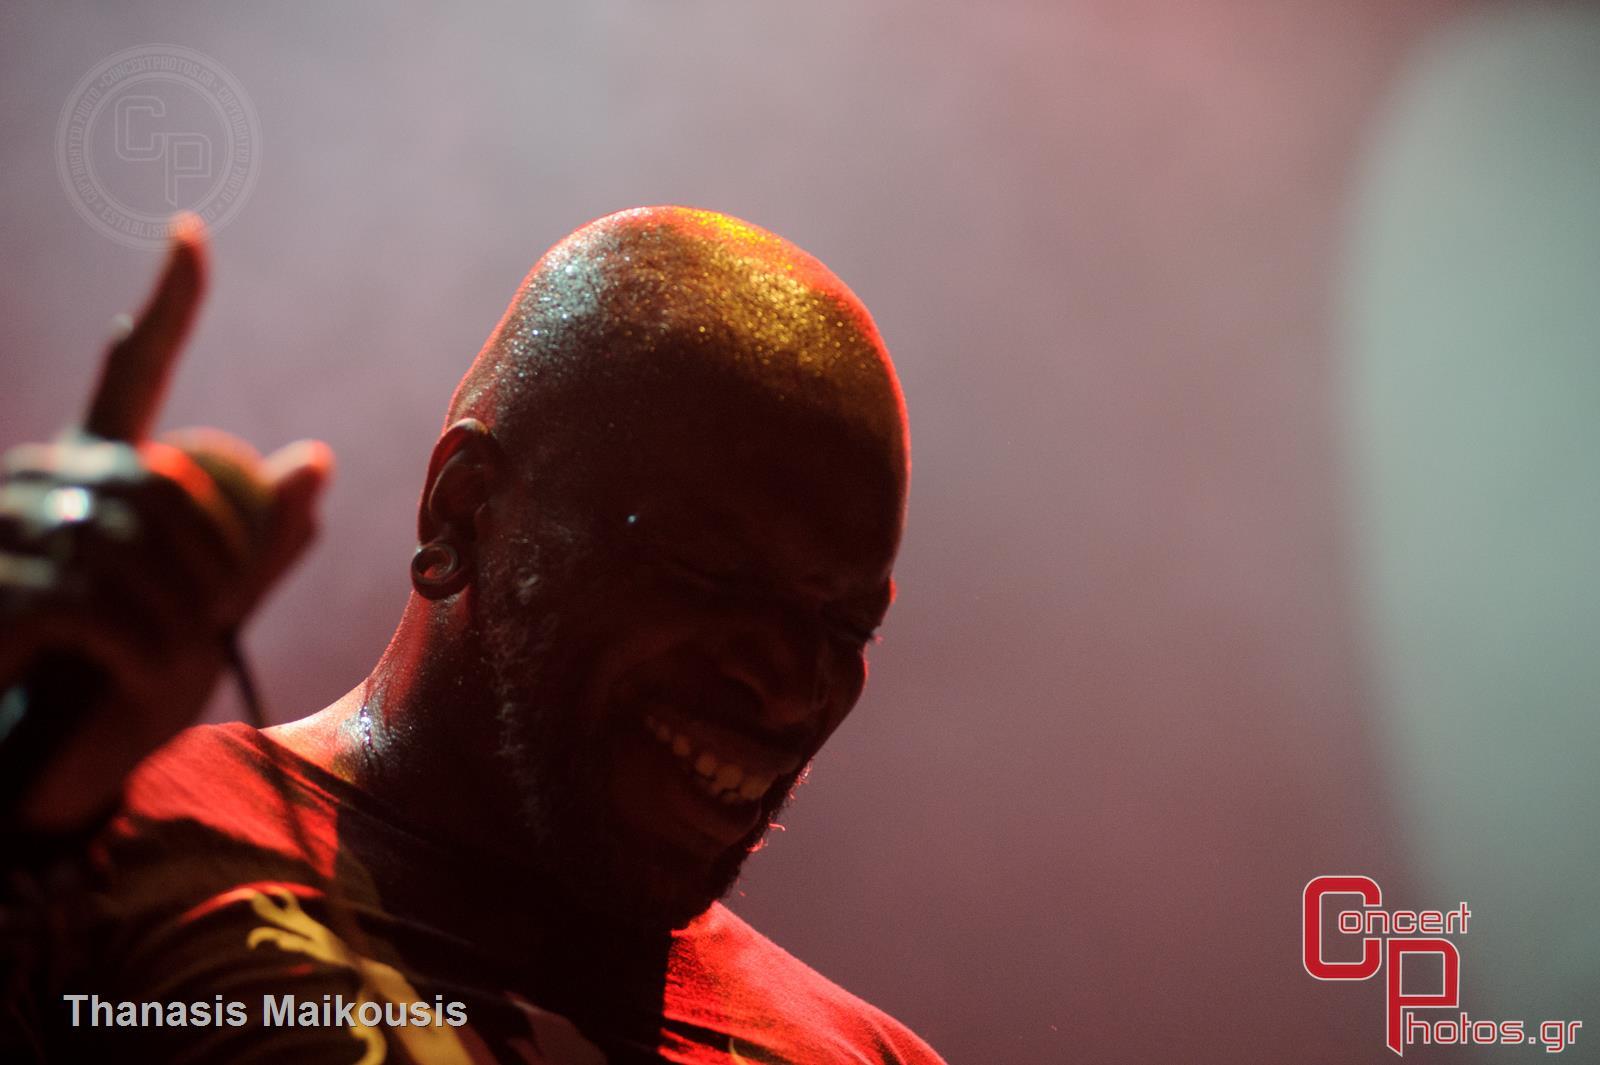 Sepultura-Sepultira photographer: Thanasis Maikousis - concertphotos_20140703_22_14_07